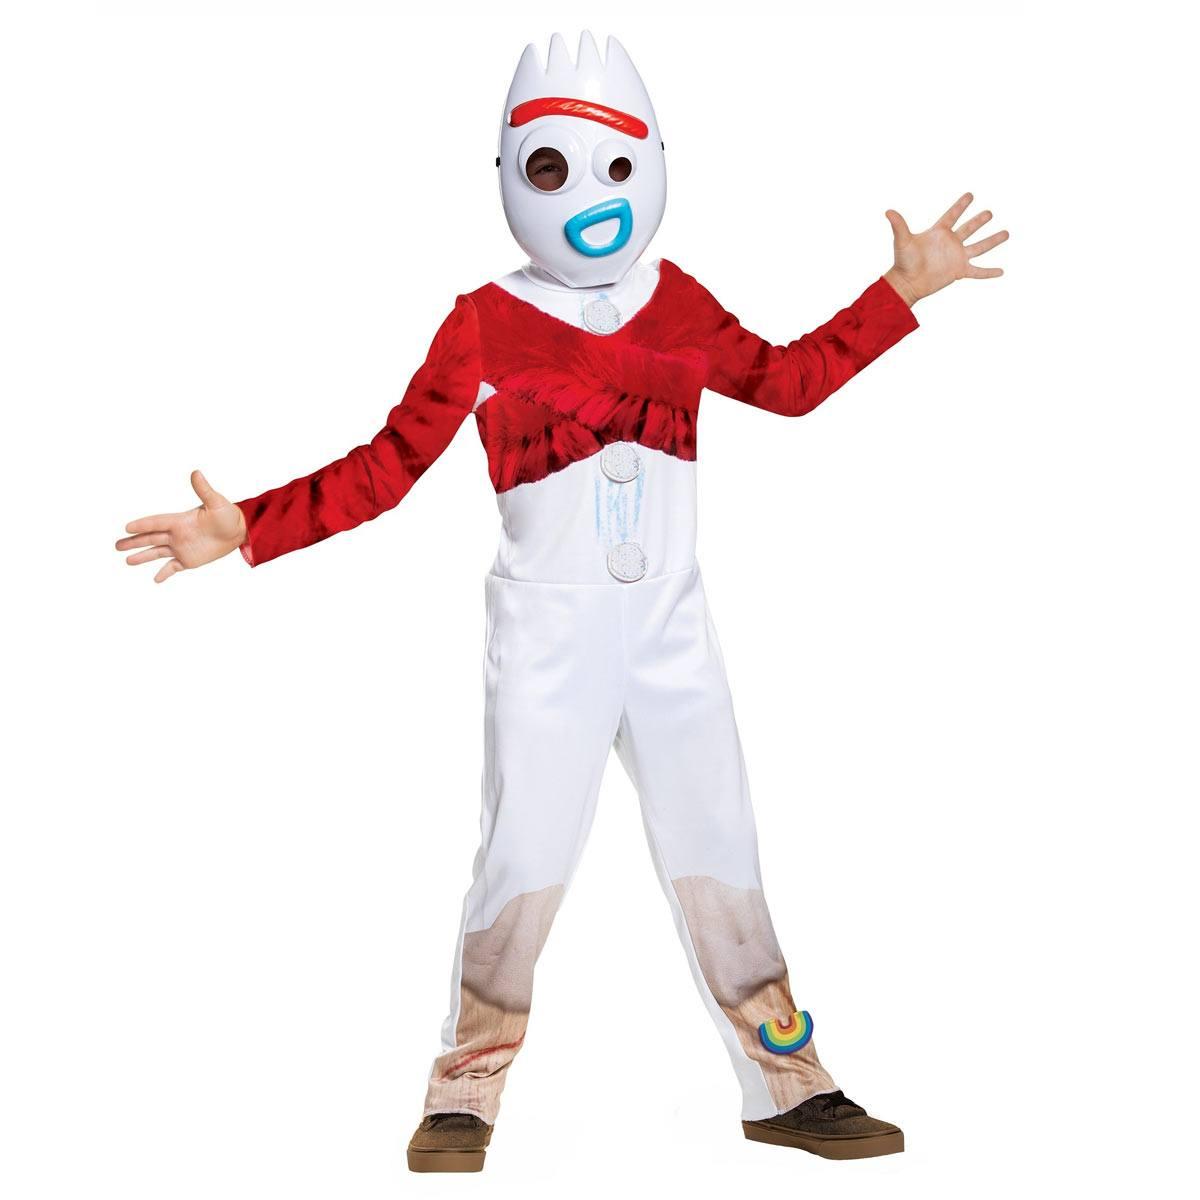 トイストーリー4 フォーキー 仮装 幼児用 衣装 キッズ用 ハロウィン 子供用 ディズニー Toy Story 4